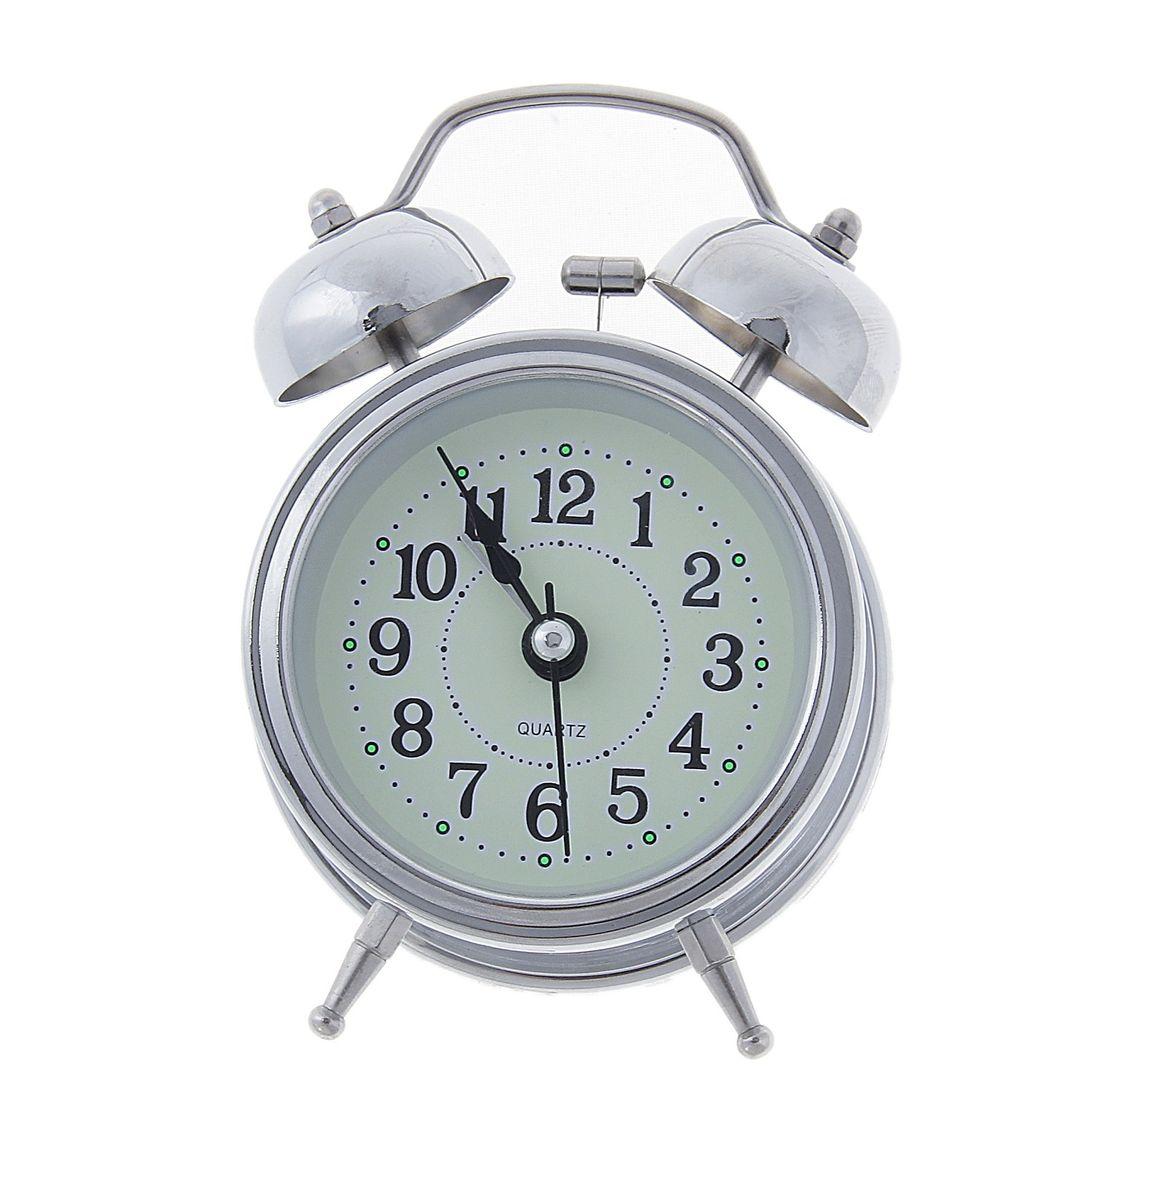 Часы-будильник Sima-land Классика, цвет: серебристый556709Часы-будильник Sima-land Классика - это невероятных размеров устройство, созданное специально для тех, кто с трудом просыпается по утрам!Изделие обладает классическим дизайном. Такой будильник станет изюминкой вашего интерьера.Будильник работает от батареек типа АА (в комплект не входят). На задней панели будильника расположены переключатель включения/выключения механизма, два поворотных рычага для настройки текущего времени и установки будильника, а также кнопка для включения подсветки циферблата.